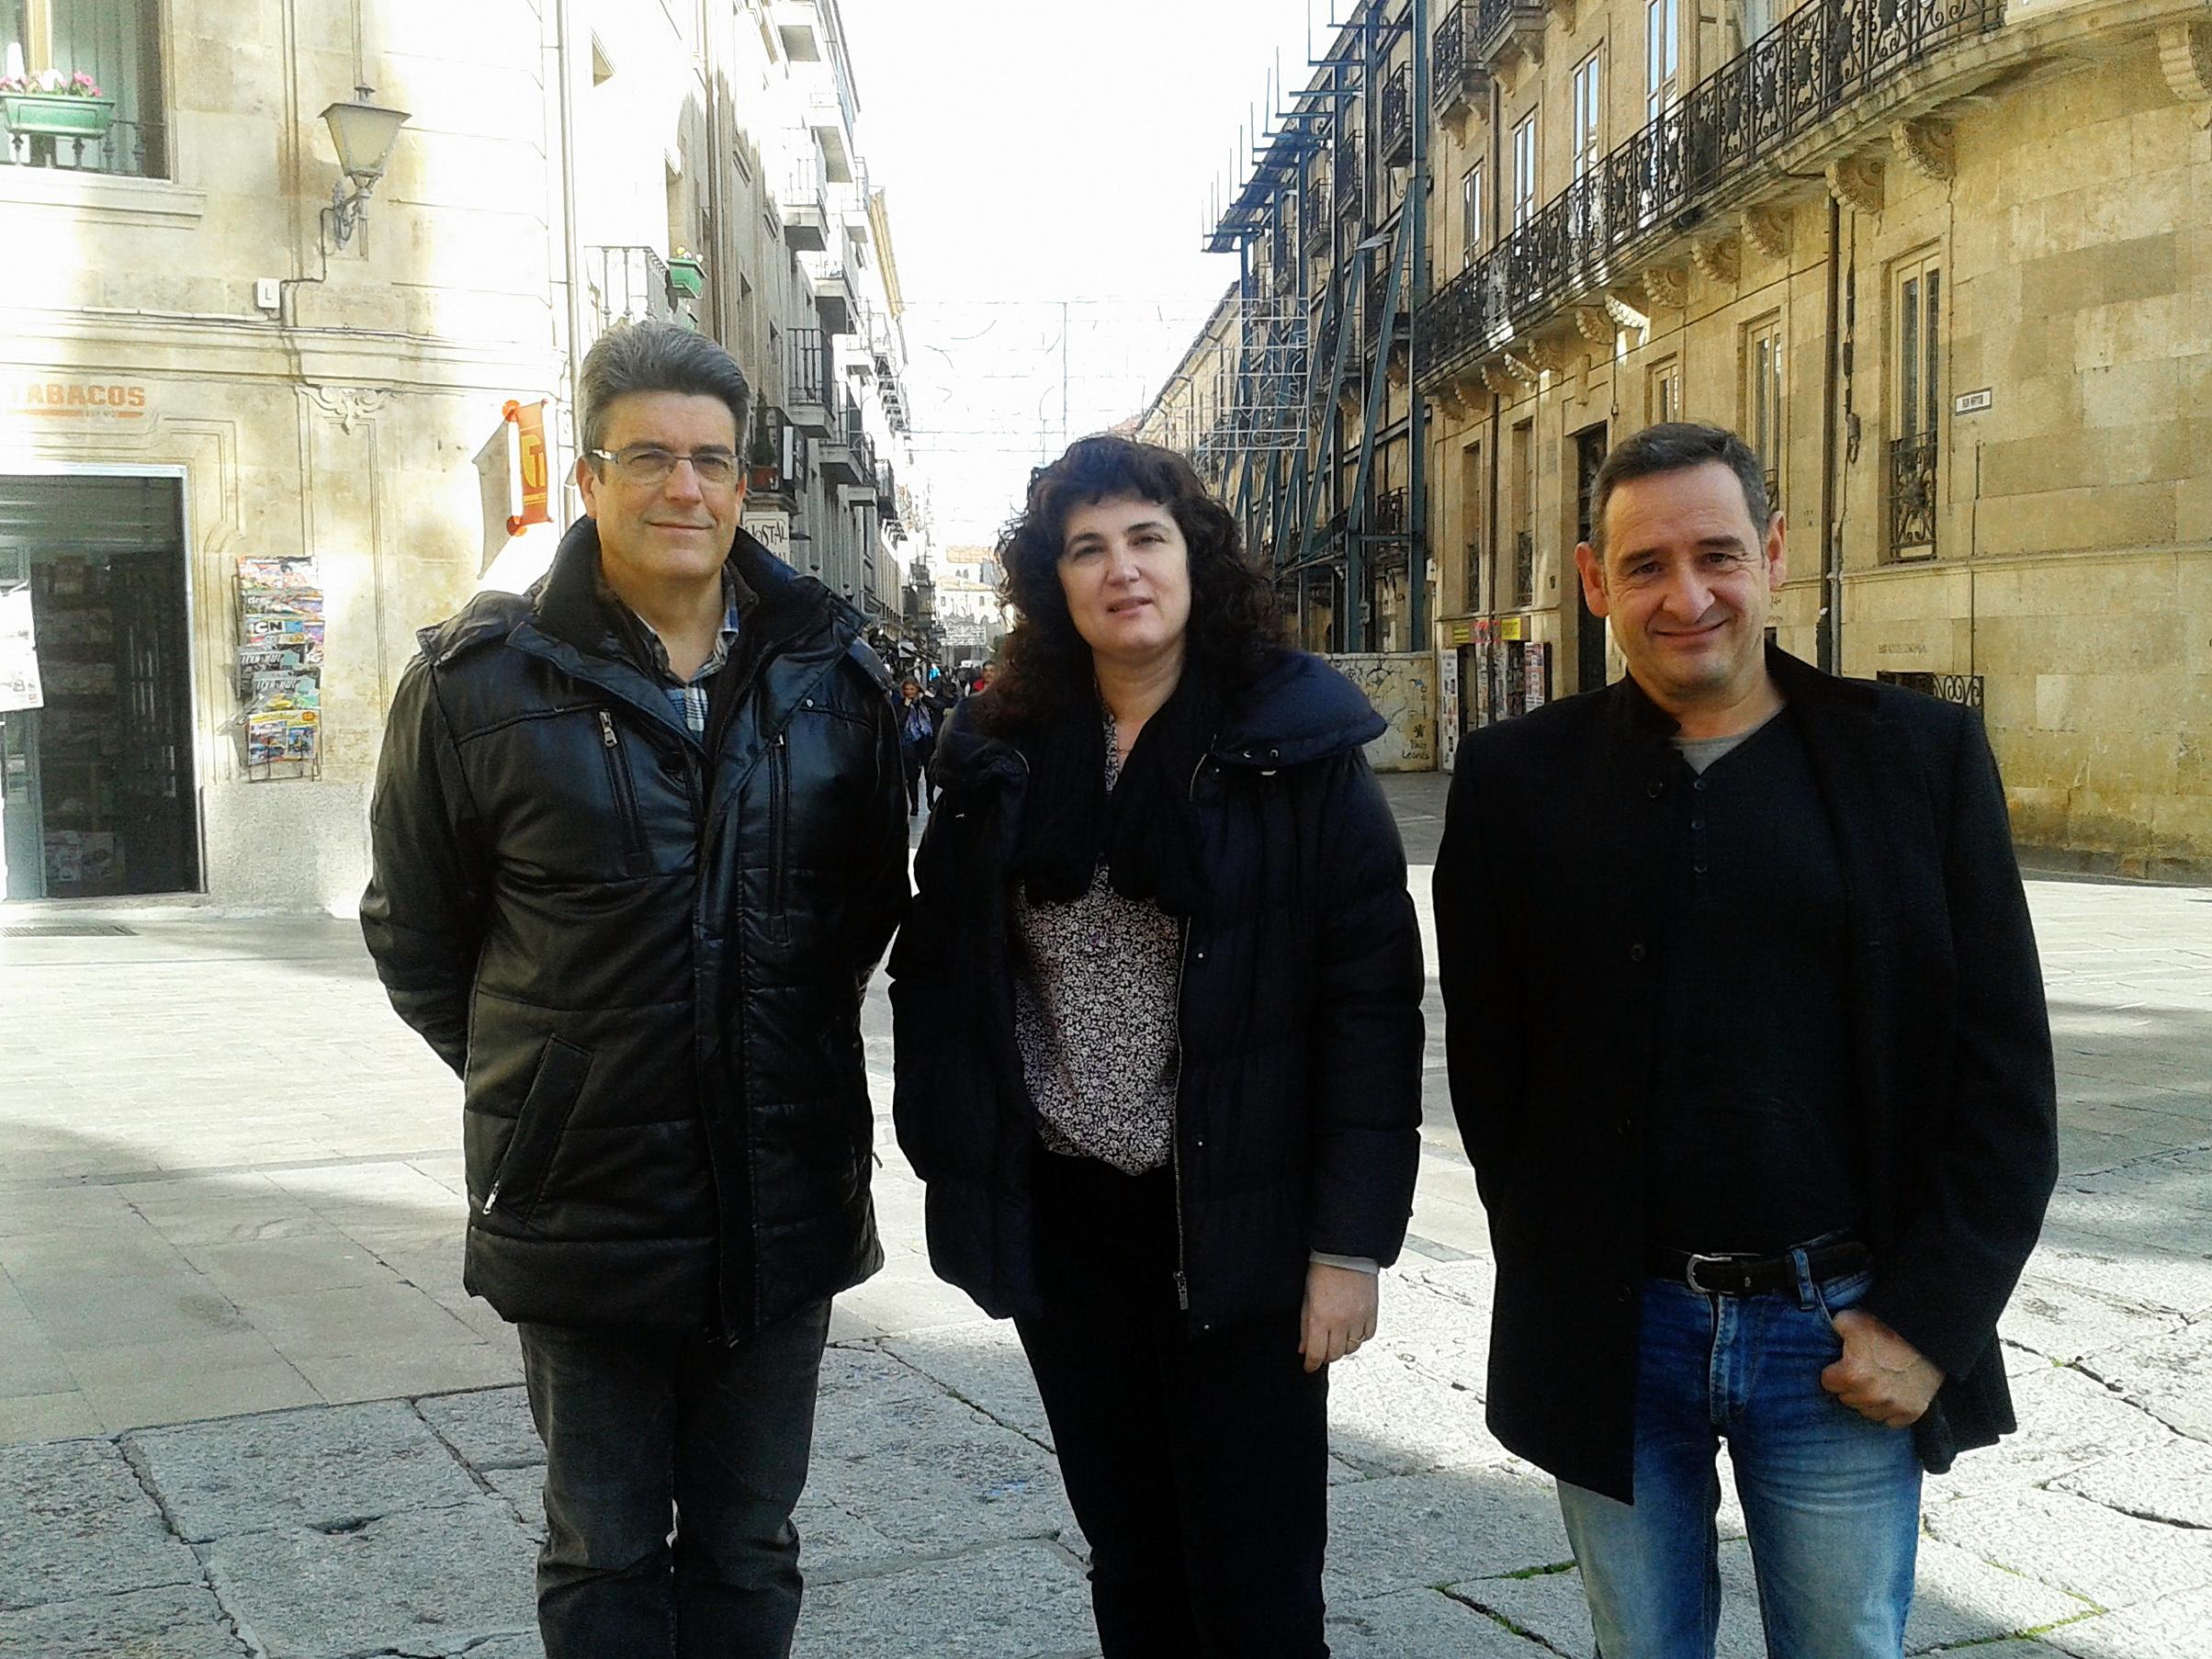 El grupo de investigación E-lectra de la Universidad de Salamanca evaluará la excelencia científica del proceso editorial de las colecciones publicadas por las universidades